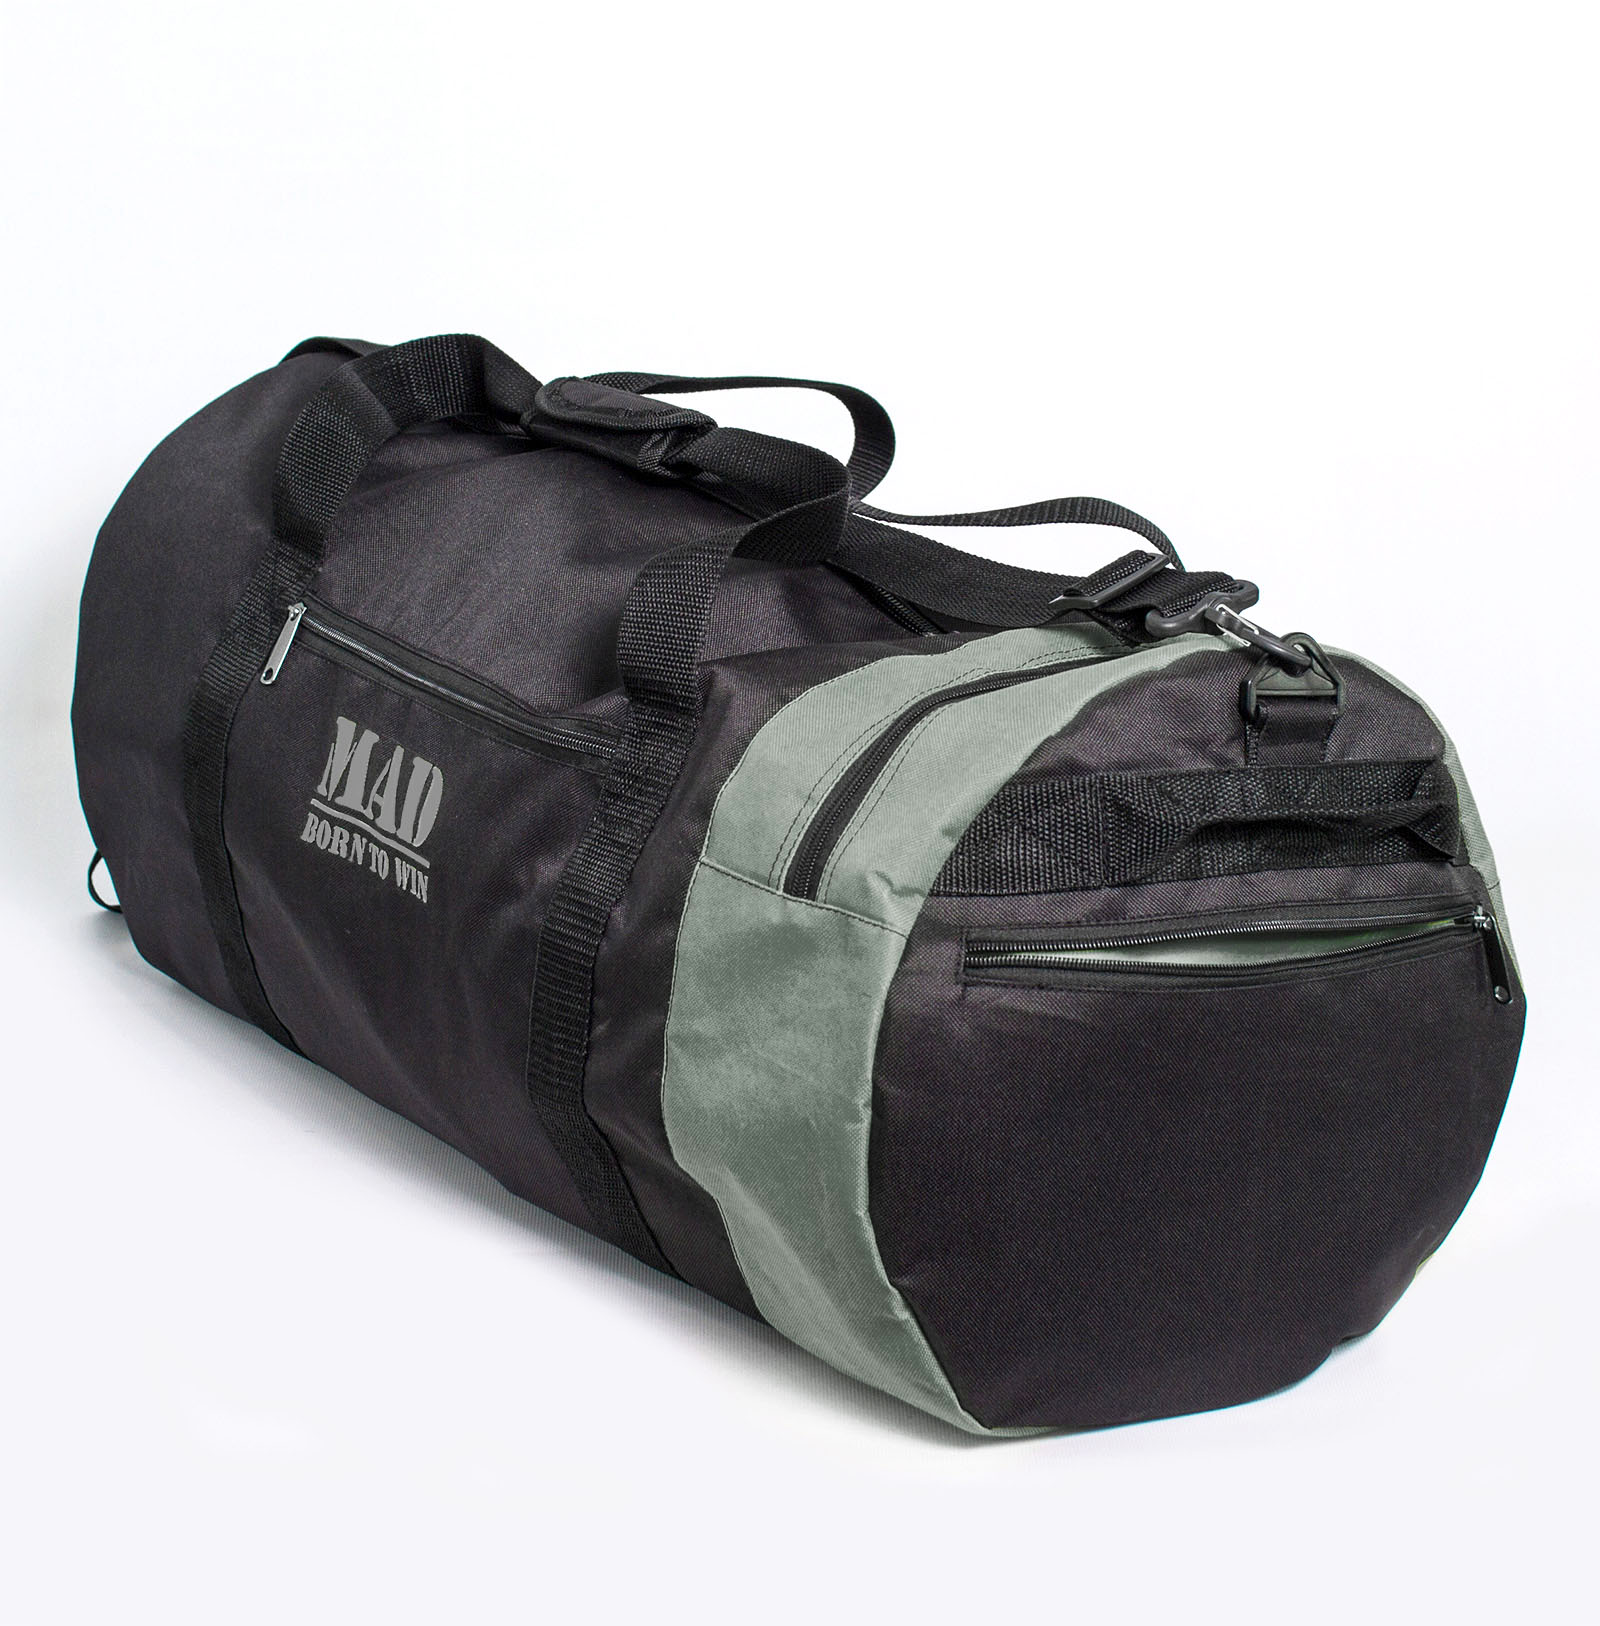 купить большую спортивную сумку,большие спортивные сумки мужские,сумка 50 литров,велика спортивна сумка,купити спортивну сумку